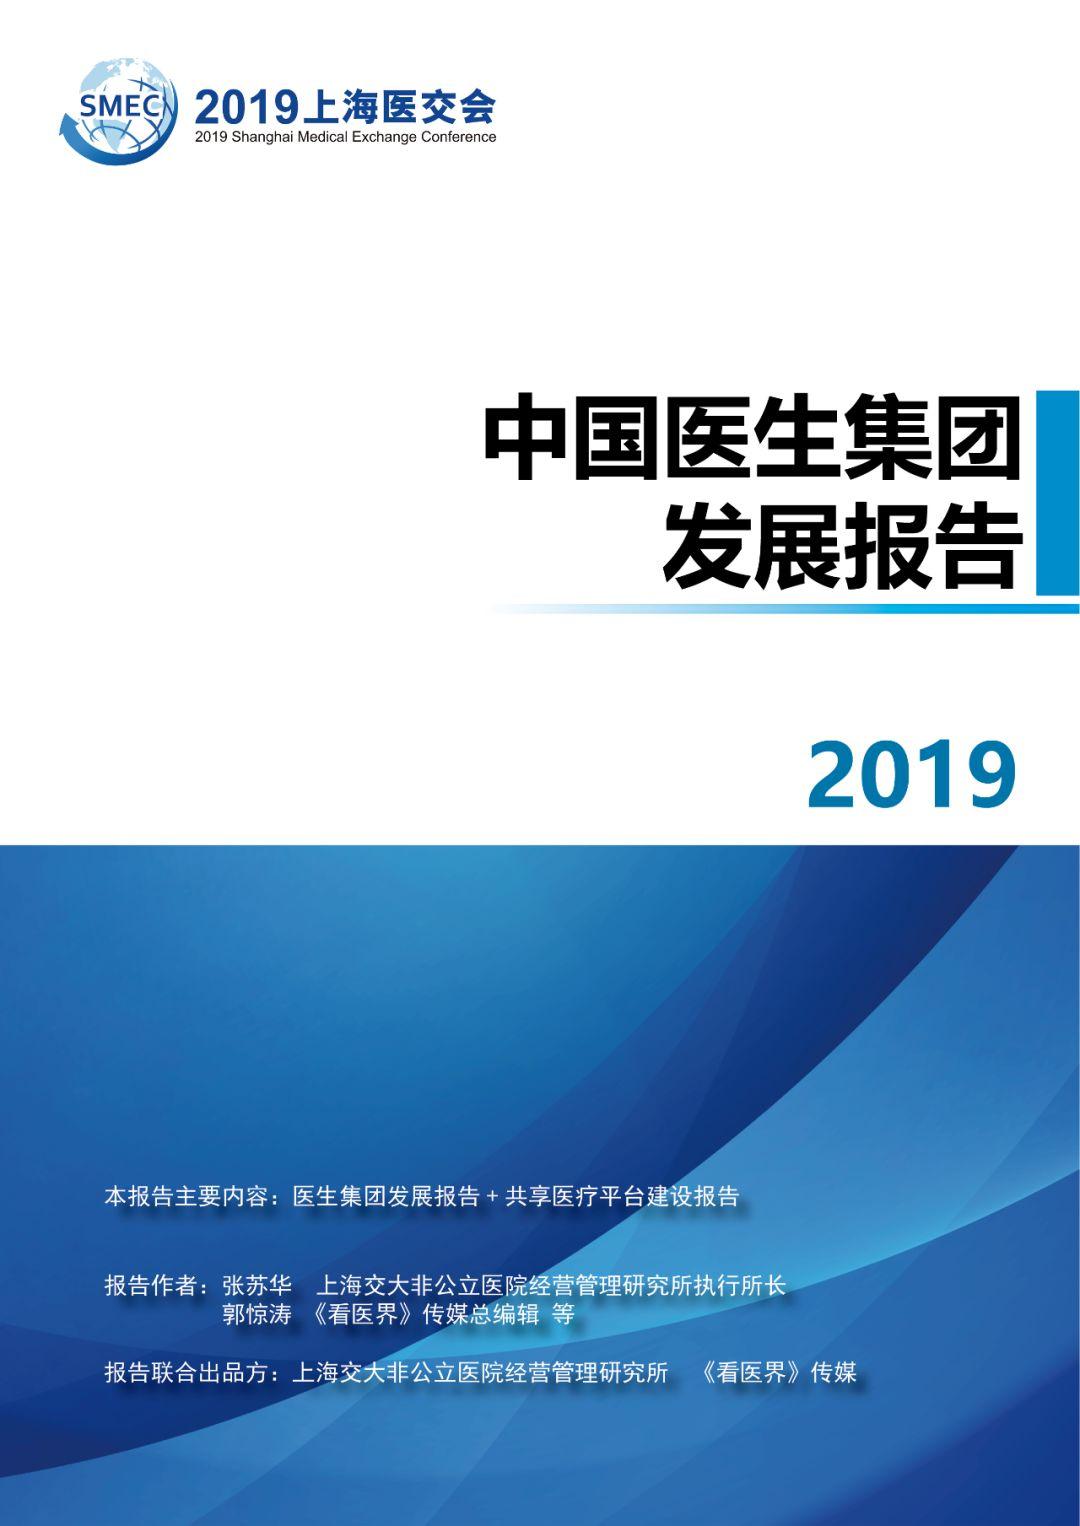 2019中國醫生集團發展報告來了!火熱預售